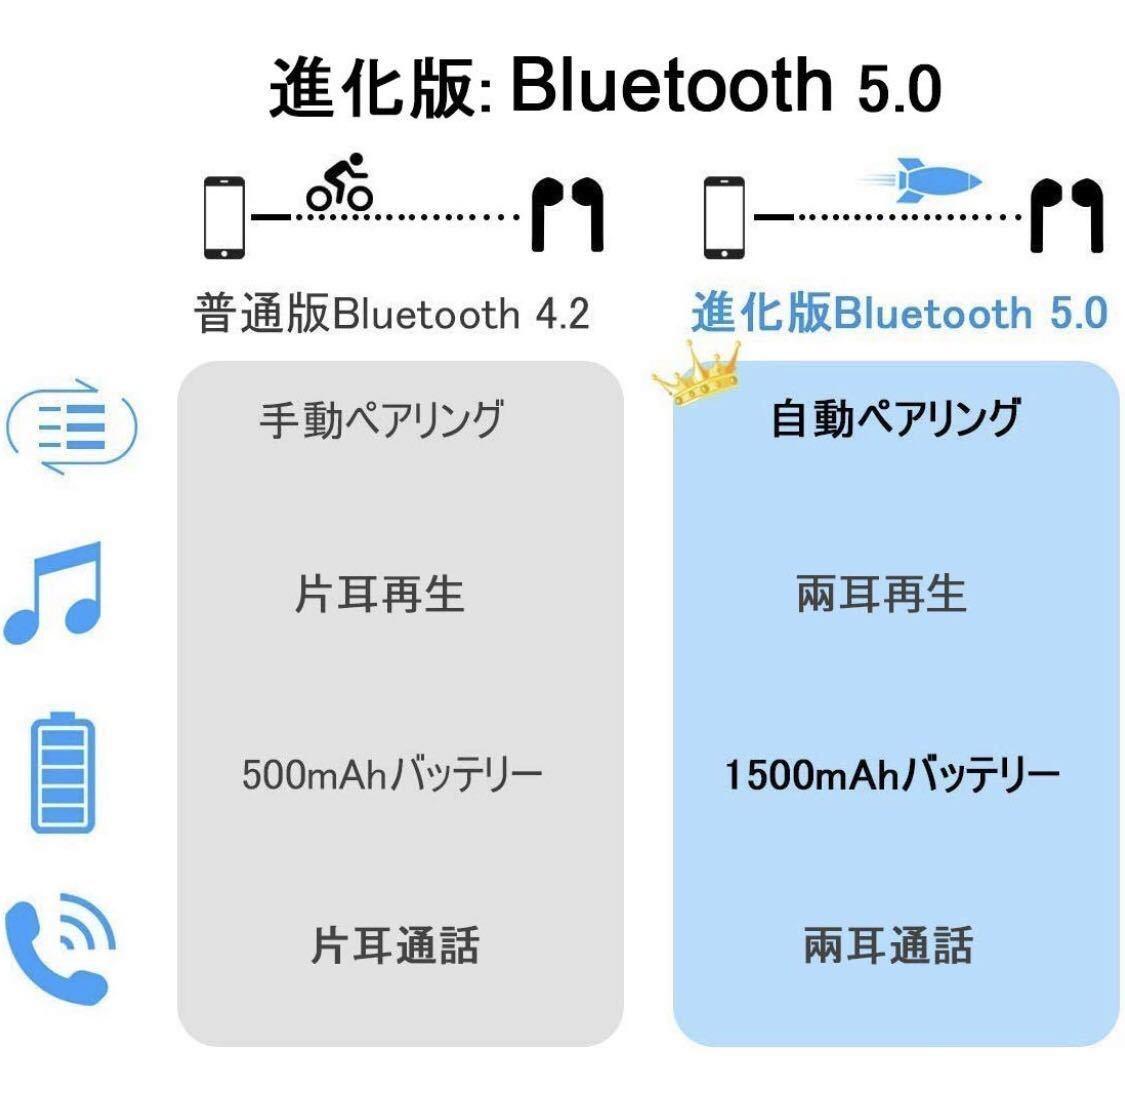 1円出品!【最新 Bluetooth5.0】ワイヤレスイヤホン ブルートゥース高音質 自動で接続ペアリング両耳通話 5時間連続音楽再生可能_画像4